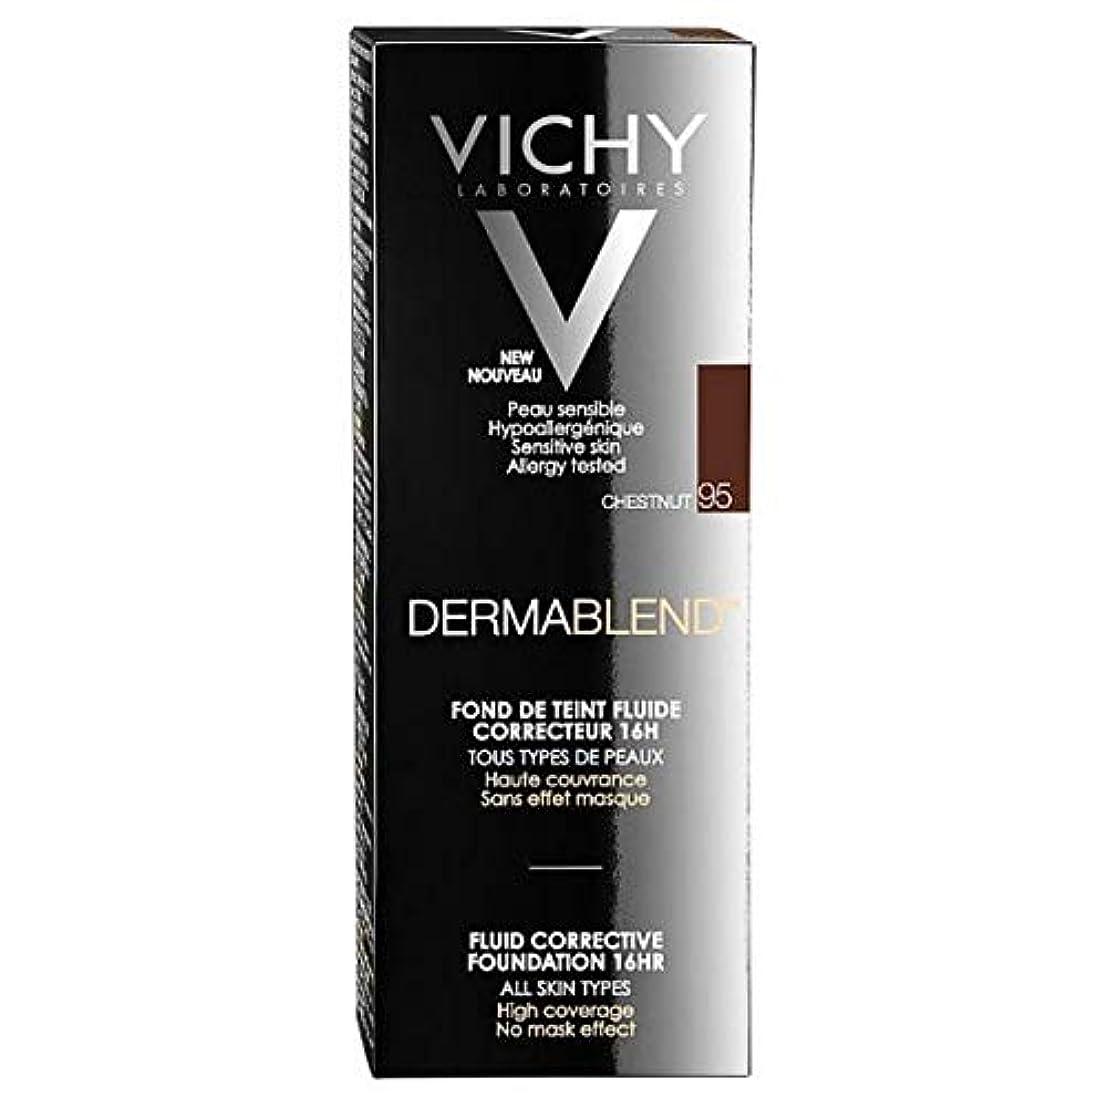 不満聖域動く[Vichy ] ヴィシーDermablend流体是正基盤95 30ミリリットル - Vichy Dermablend Fluid Corrective Foundation 95 30ml [並行輸入品]